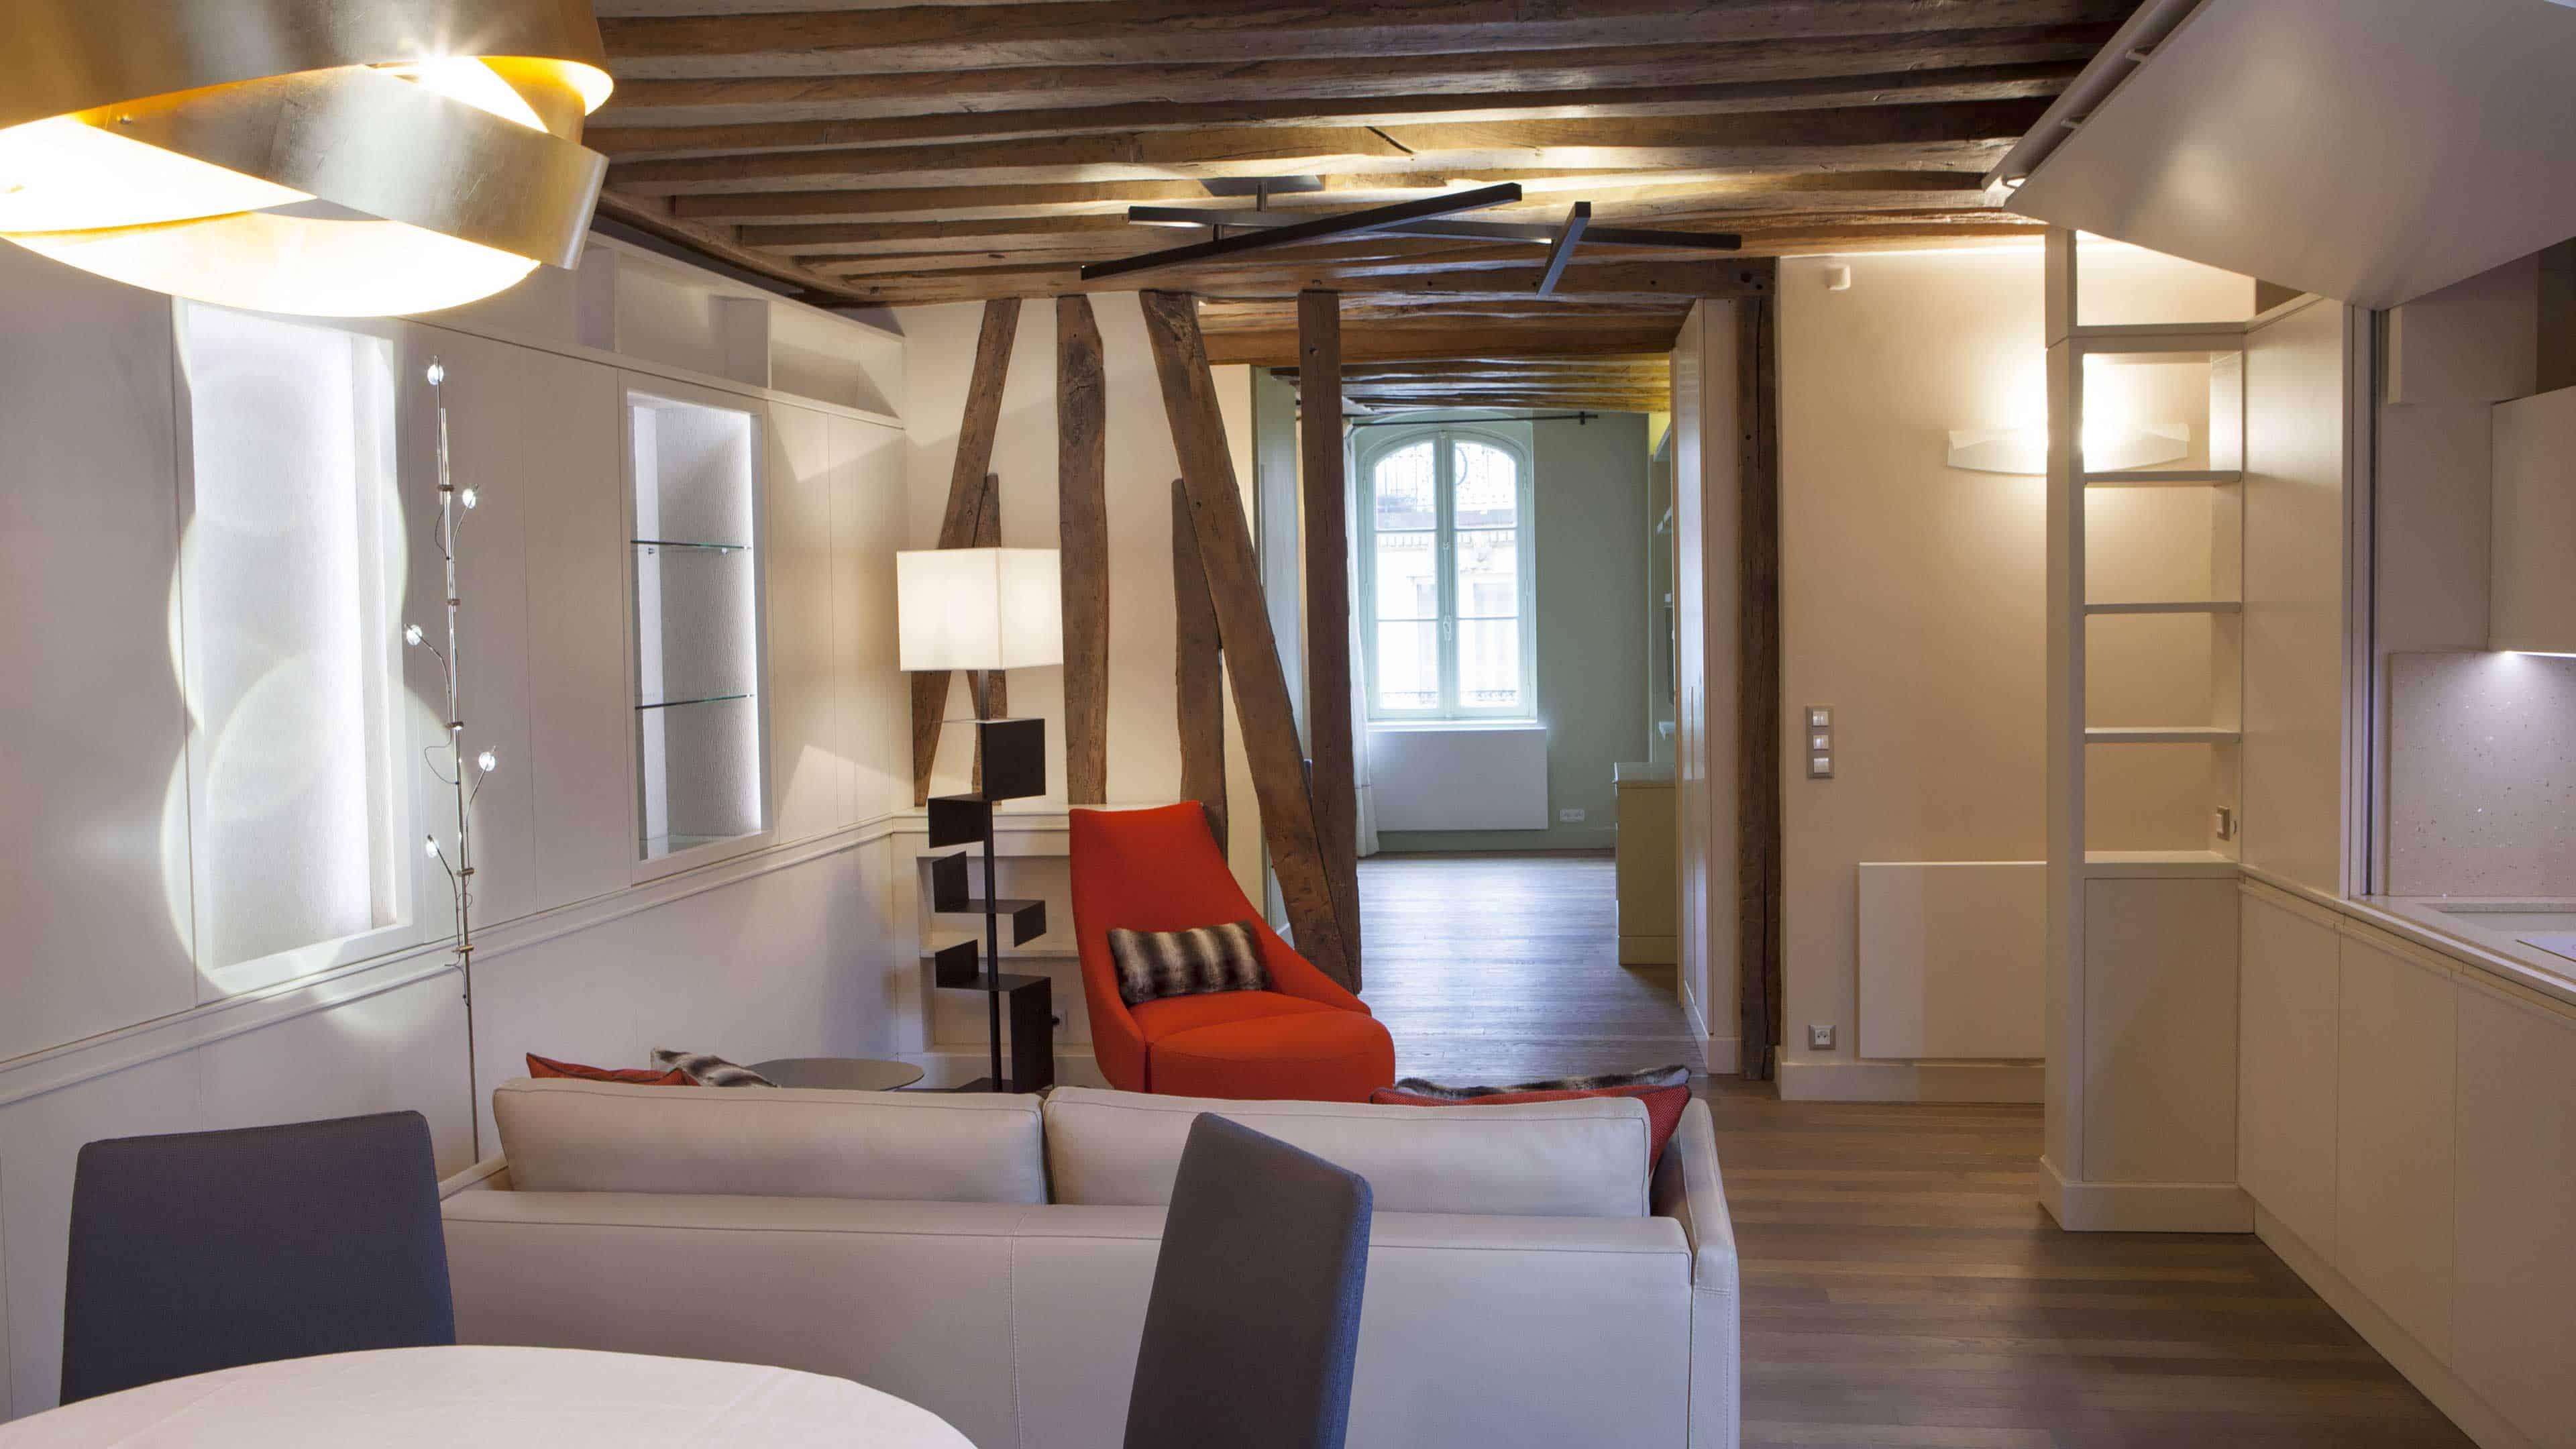 Au cœur de Saint-Germain, cet espace de caractère résulte de la réunion de deux appartements situés au cœur du 6ème. La restauration soigneuse des poutres et des colombages d'origine a permis de révéler le potentiel du lieu. Le résultat est un espace unique et ouvert, qu'il est possible de diviser grâce à de grands panneaux coulissants pour préserver l'intimité de la chambre. Parfaitement intégrée dans la boiserie moderne du salon, la cuisine sur-mesure en bois latté satiné peut également se fermer pour se fondre littéralement dans le décor.